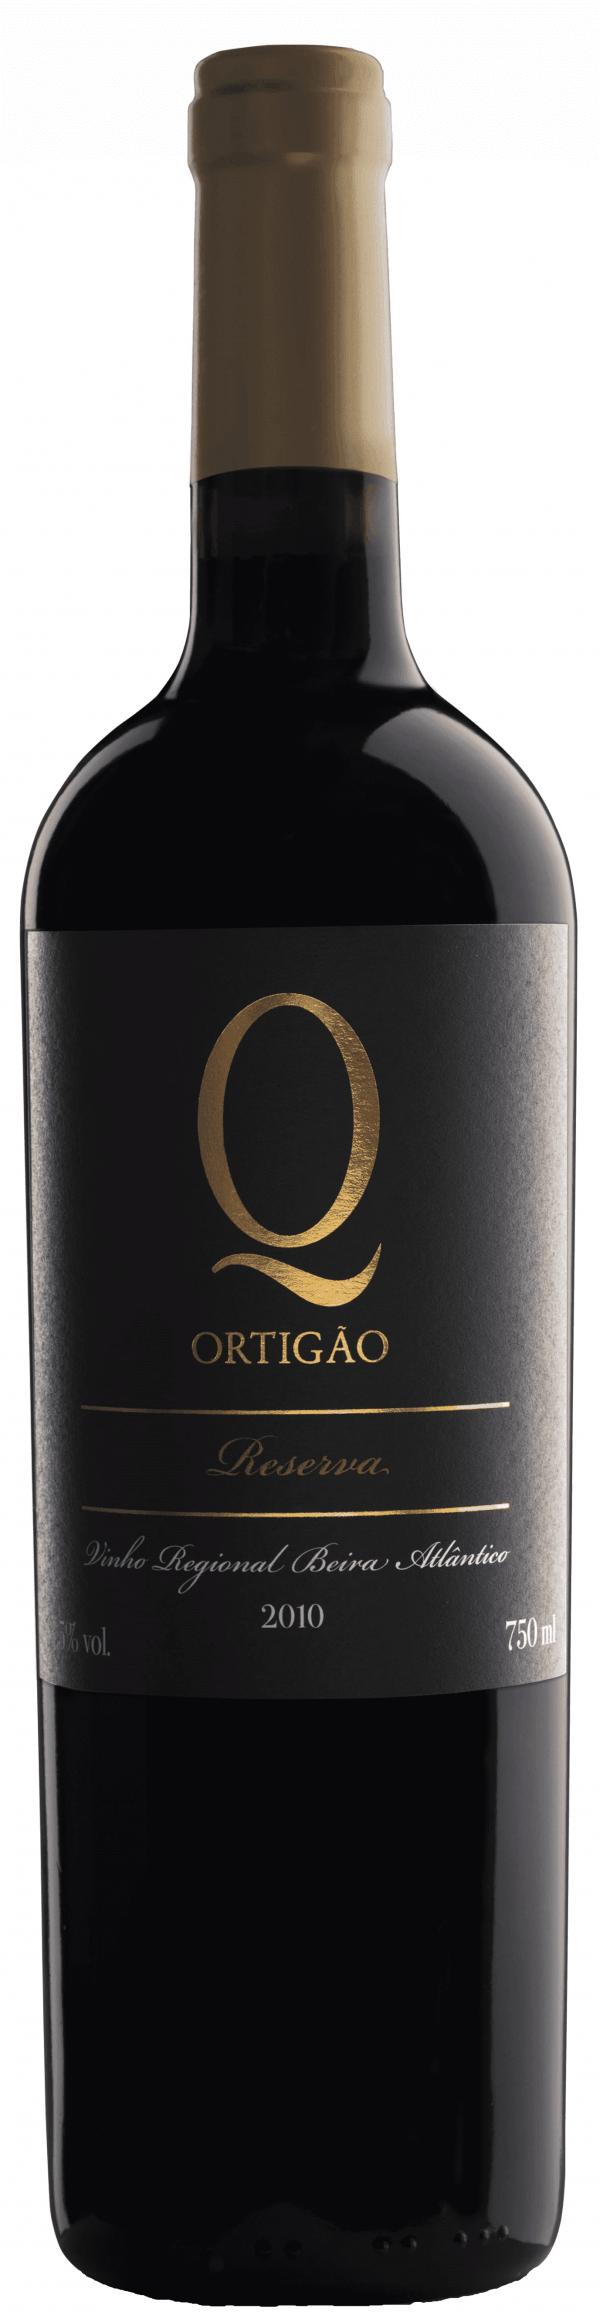 Portugalské víno Quinta do Ortigão Reserva Tinto na eshopu vín z Portugalska